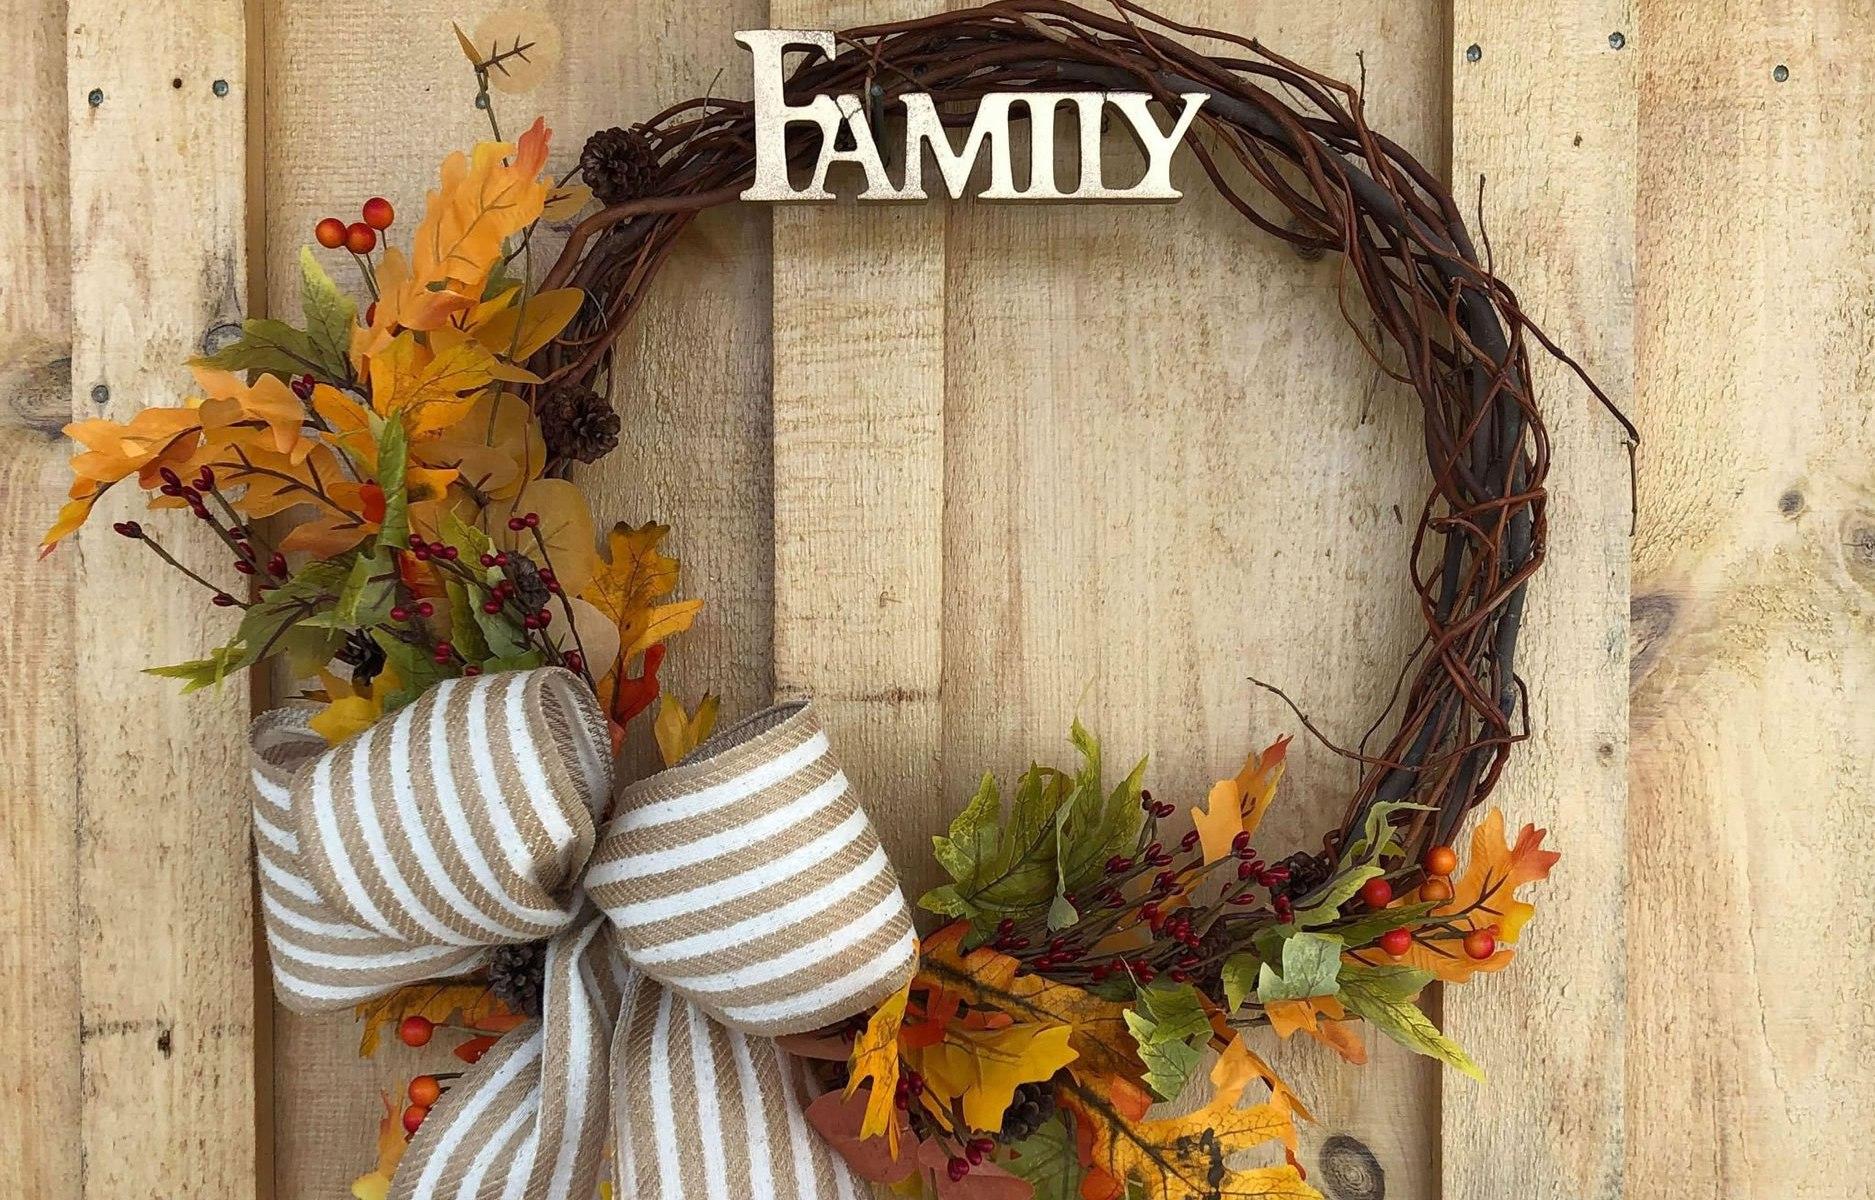 Autumn styled wreath